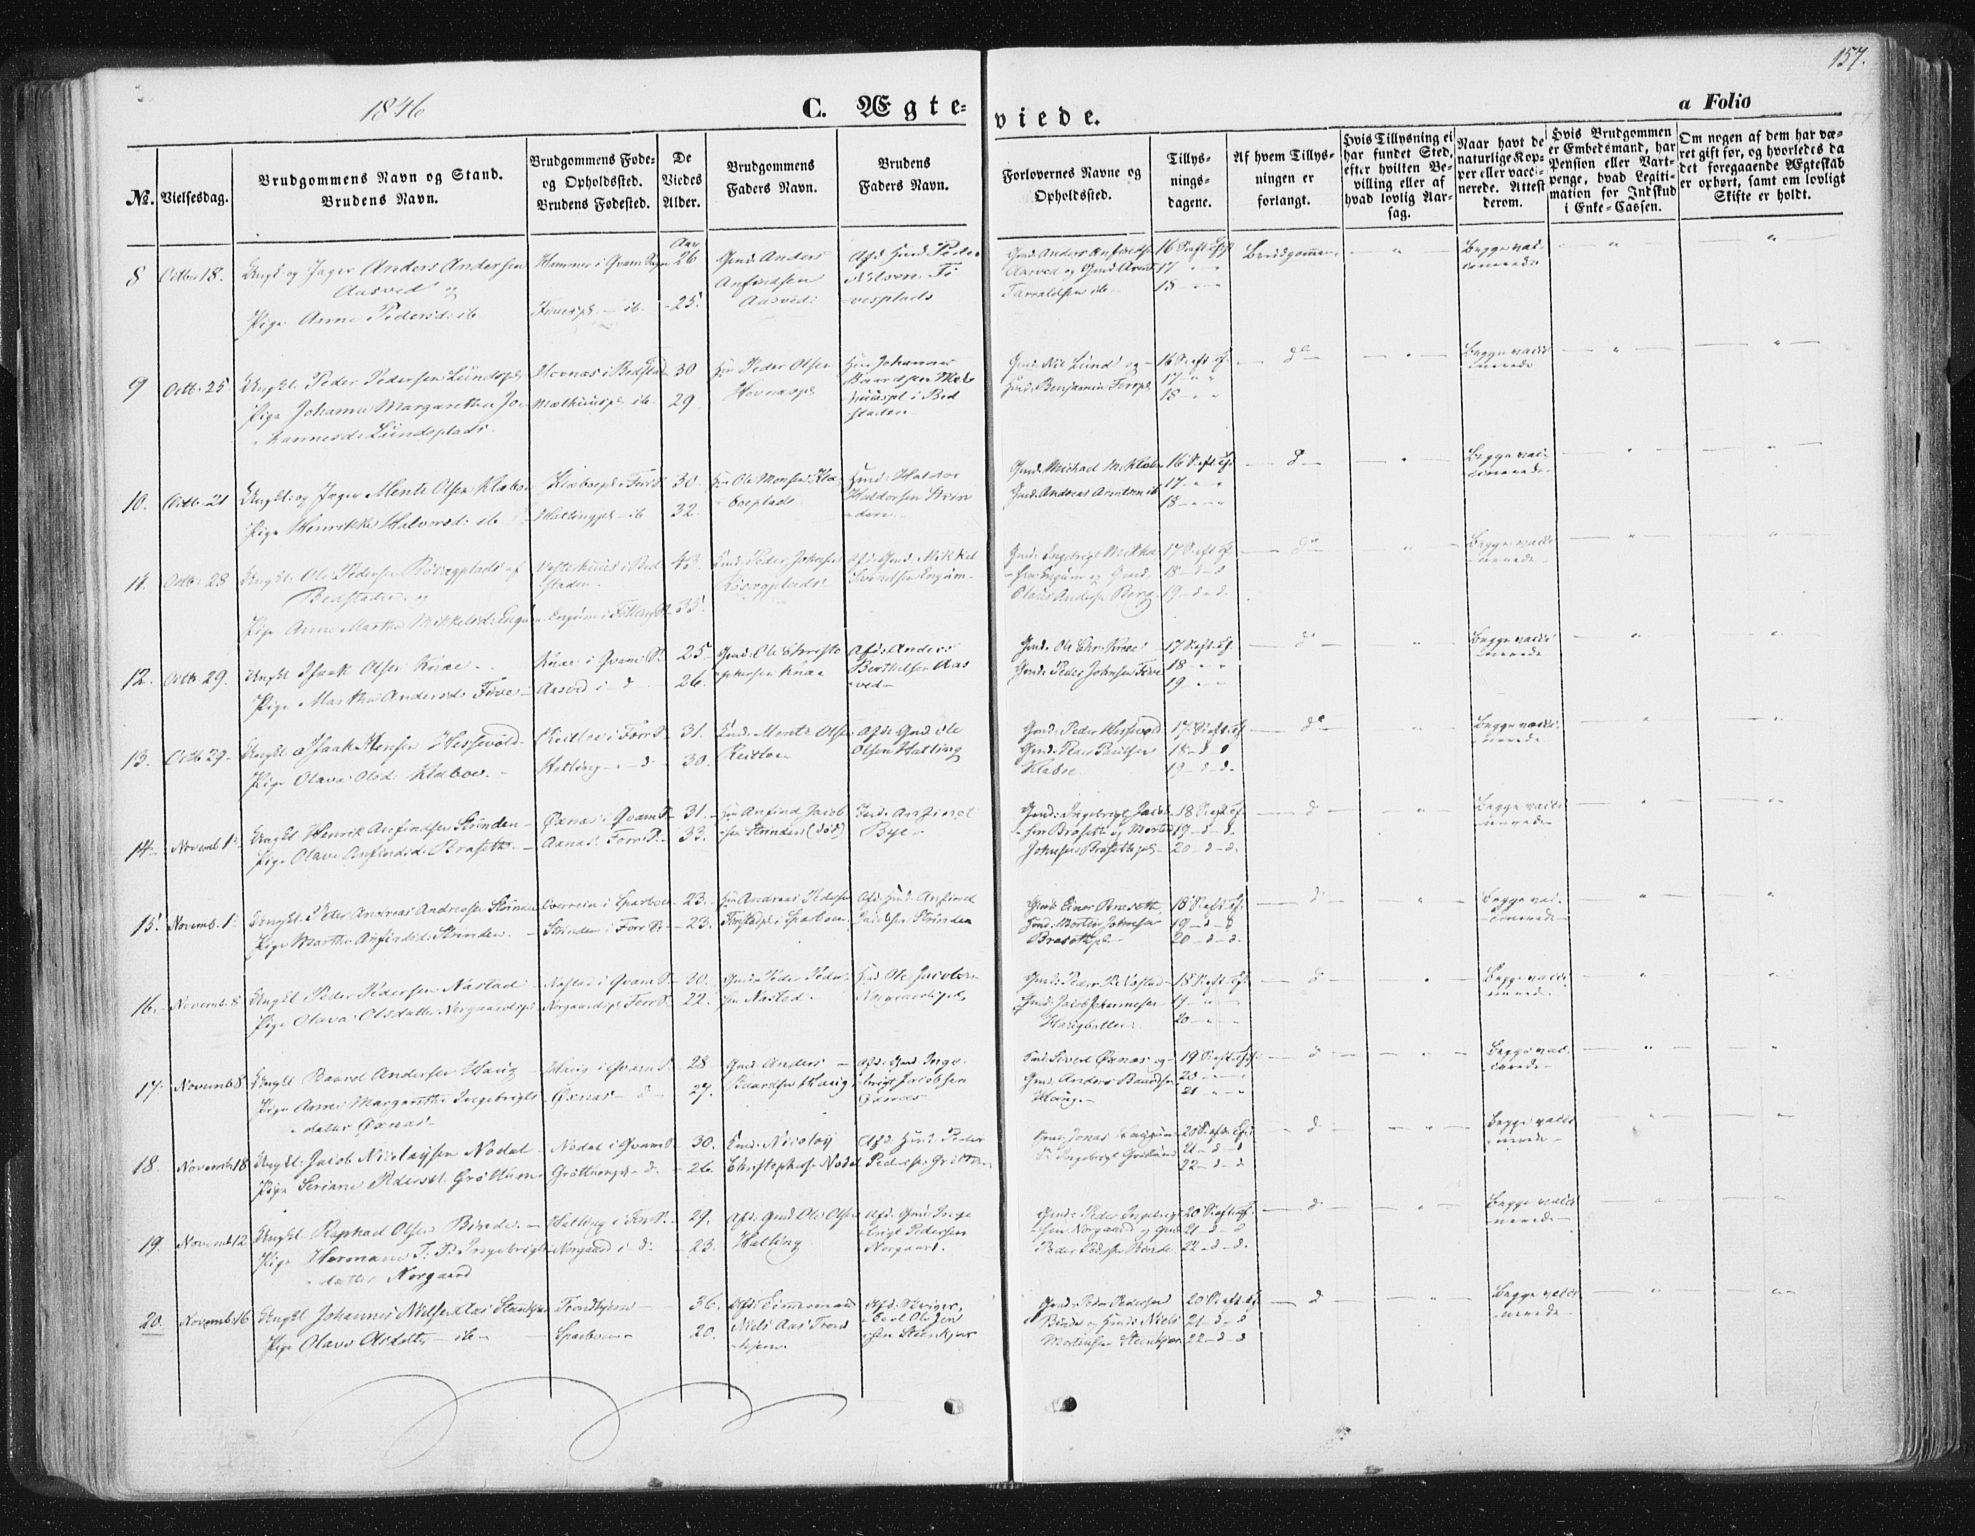 SAT, Ministerialprotokoller, klokkerbøker og fødselsregistre - Nord-Trøndelag, 746/L0446: Ministerialbok nr. 746A05, 1846-1859, s. 157